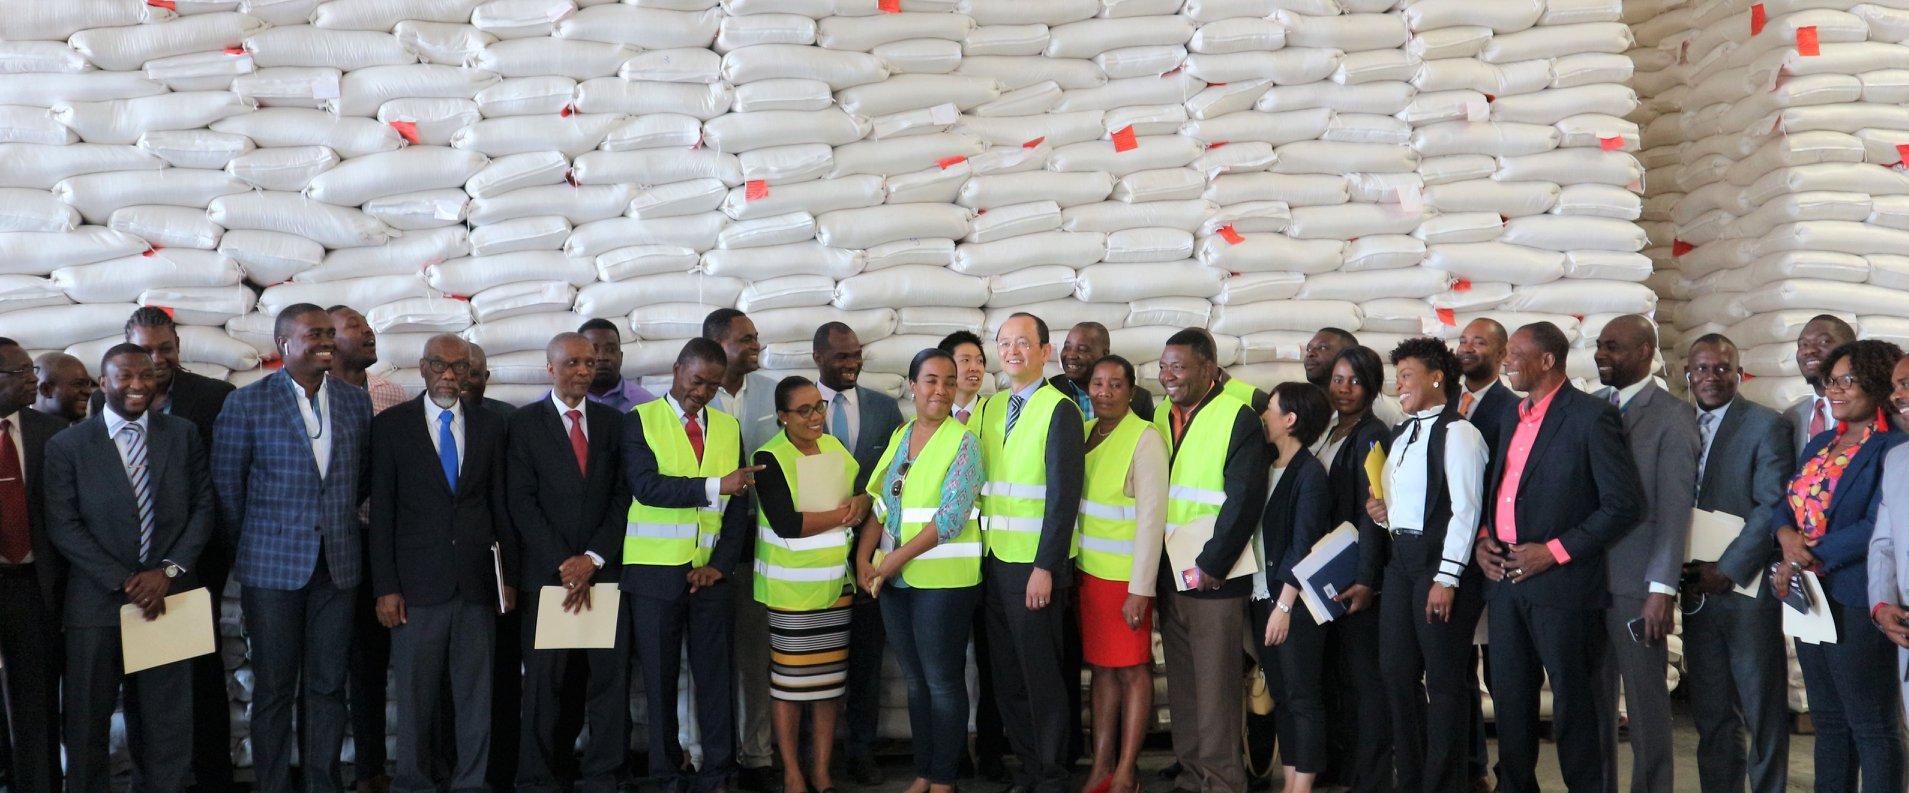 Photo de la Délégation Haitiano-Japonaise lors de la cérémonie durant laquelle le Japon a fait don de de 5 937 tonnes métriques de riz à Haïti